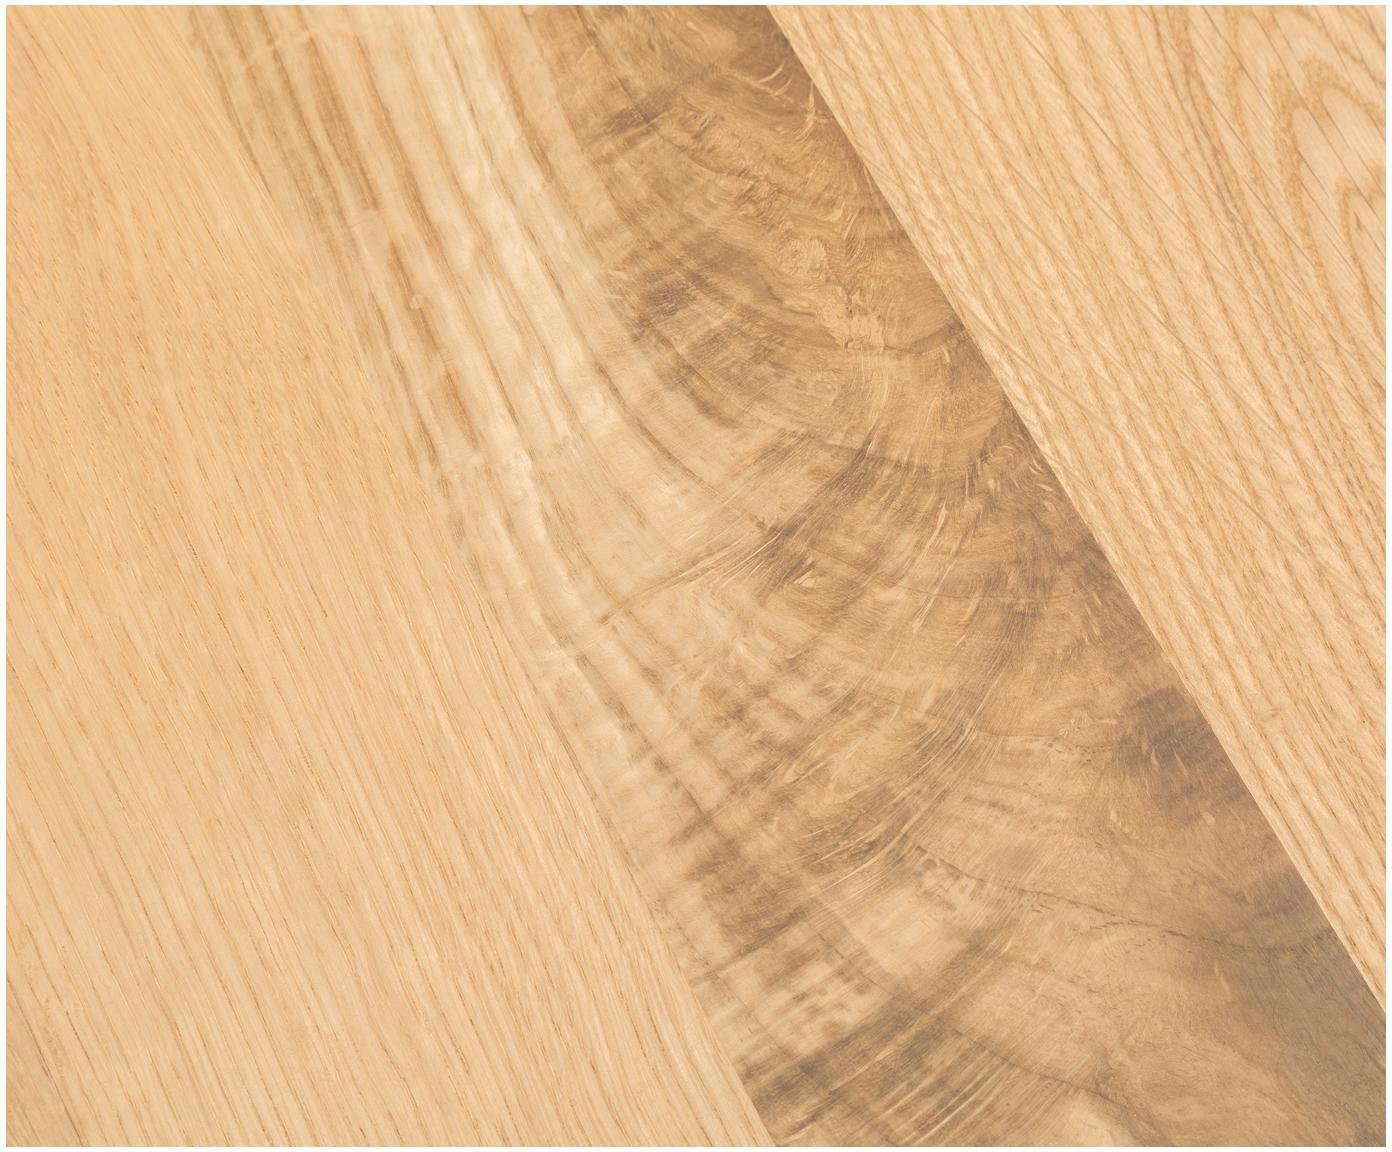 Stół do jadalni  z litego drewna Oliver, Blat: europejskie, lite, dzikie, Nogi: matowa stal szlachetna , , Blat: dzikie drewno dębowe Nogi: stal szlachetna, matowy szczotkowany, S 180 x G 90 cm